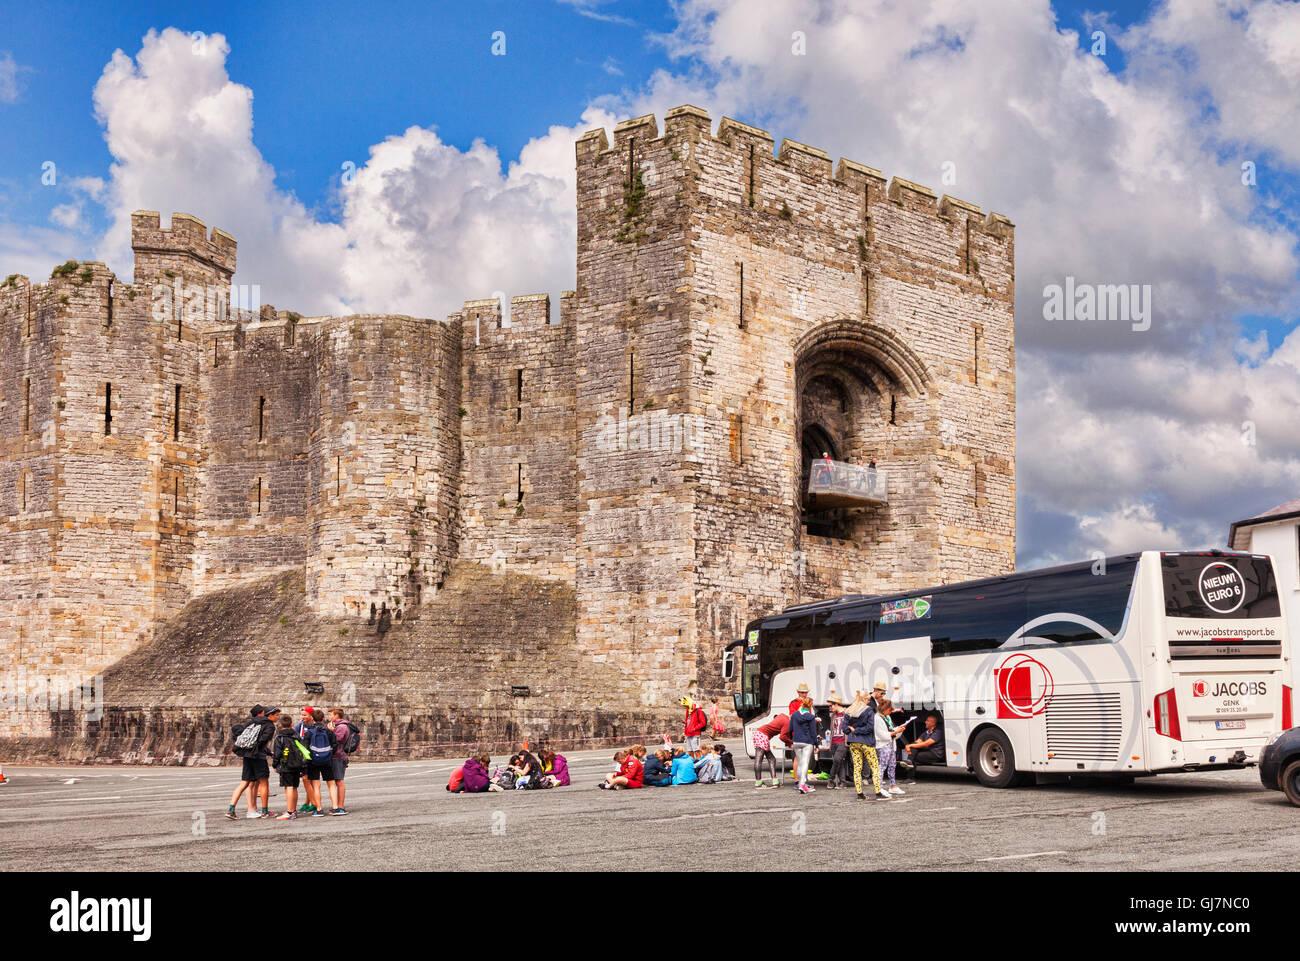 Tourists and tour coach at Caernarfon Castle, Gwynedd, Wales, UK - Stock Image